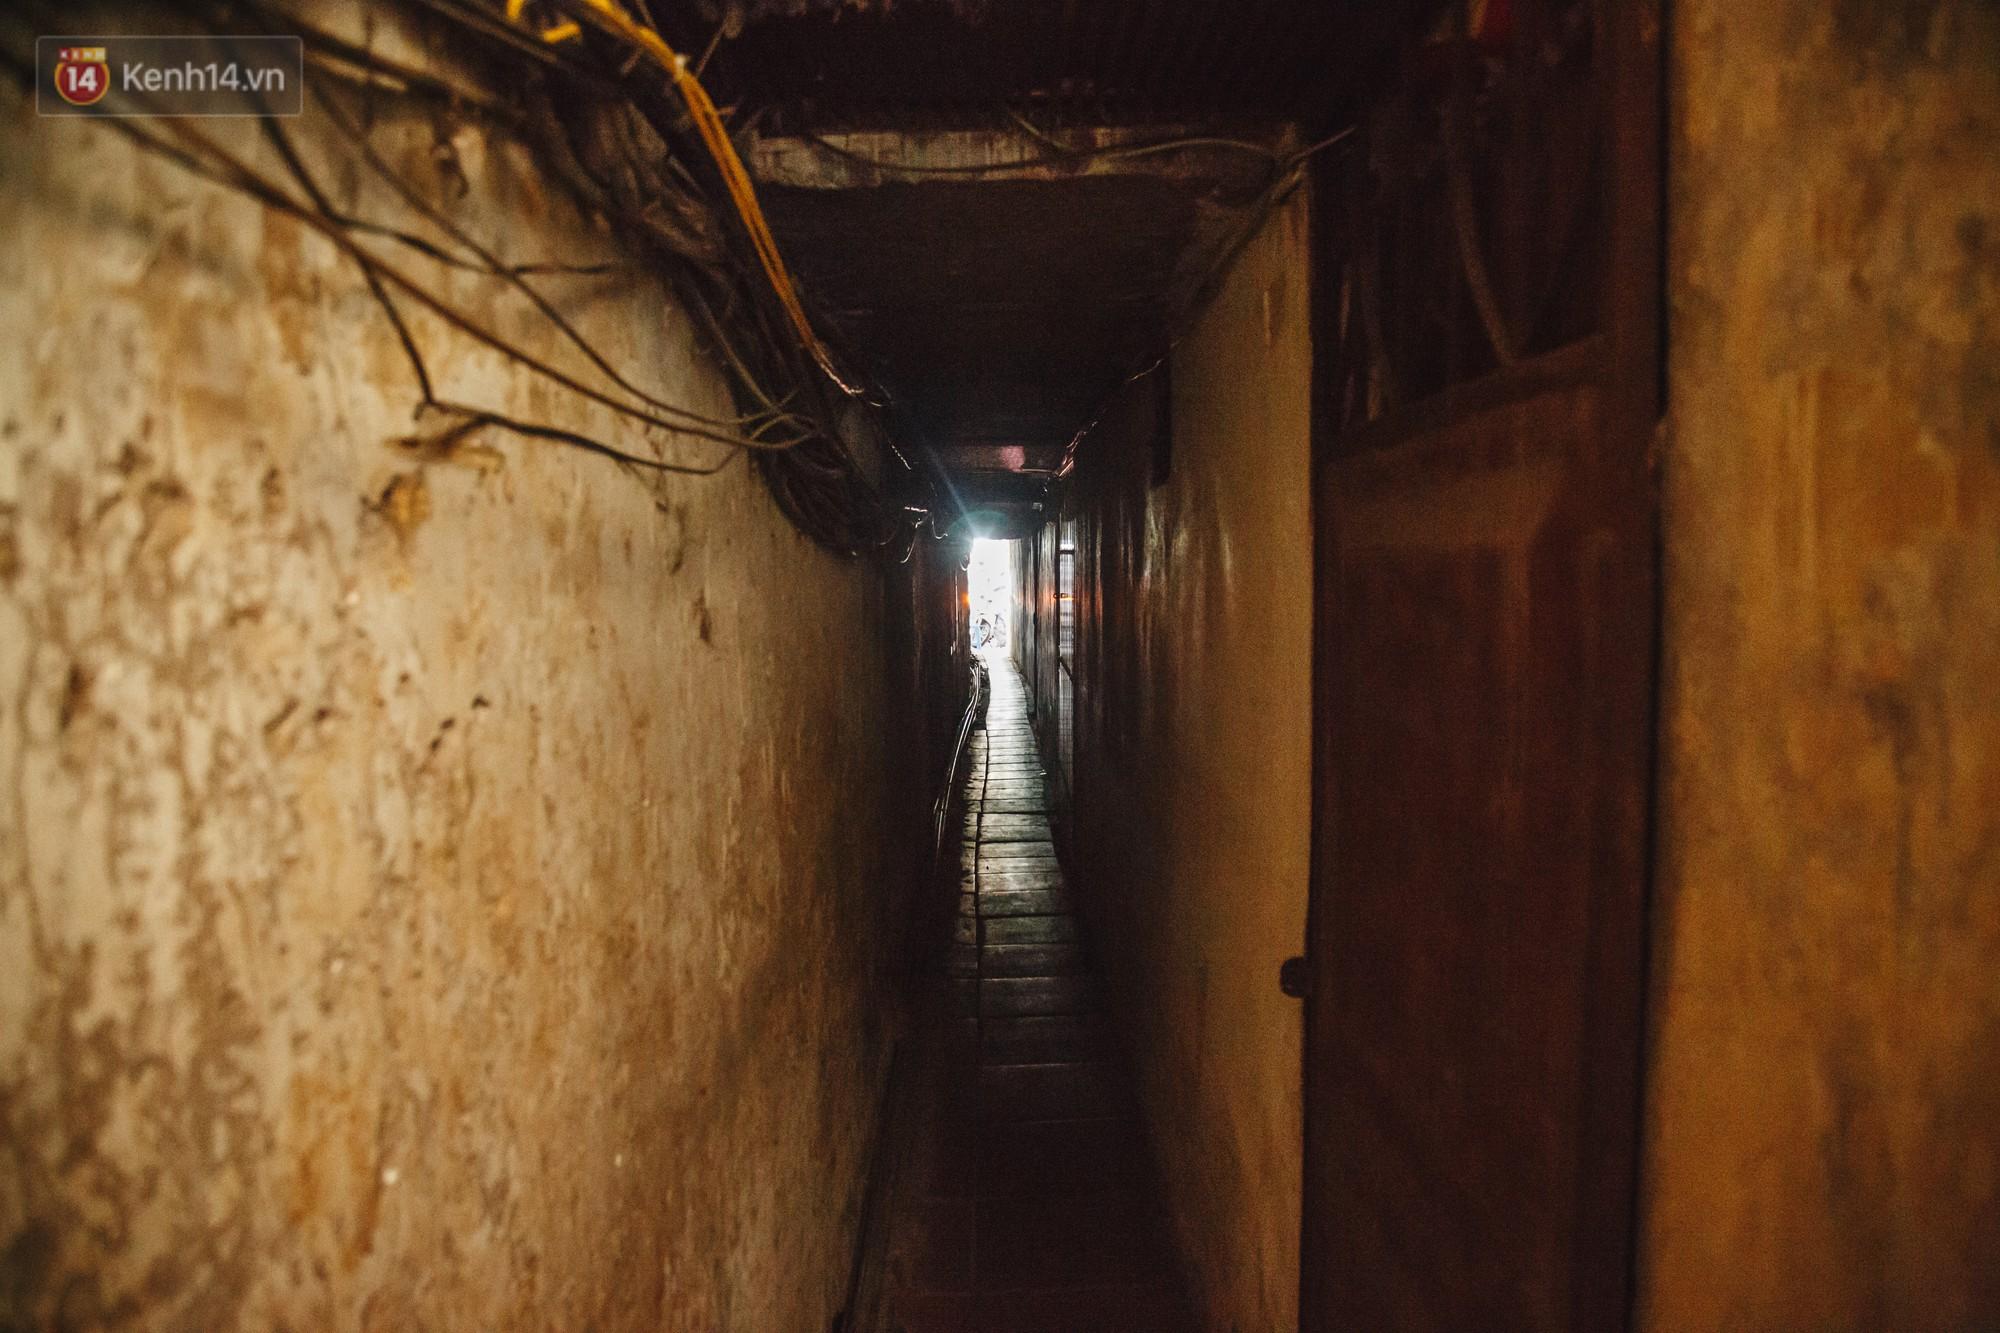 Cuộc sống bên trong những con ngõ chỉ vừa 1 người đi ở Hà Nội: Đèn điện bật sáng dù ngày hay đêm - Ảnh 12.